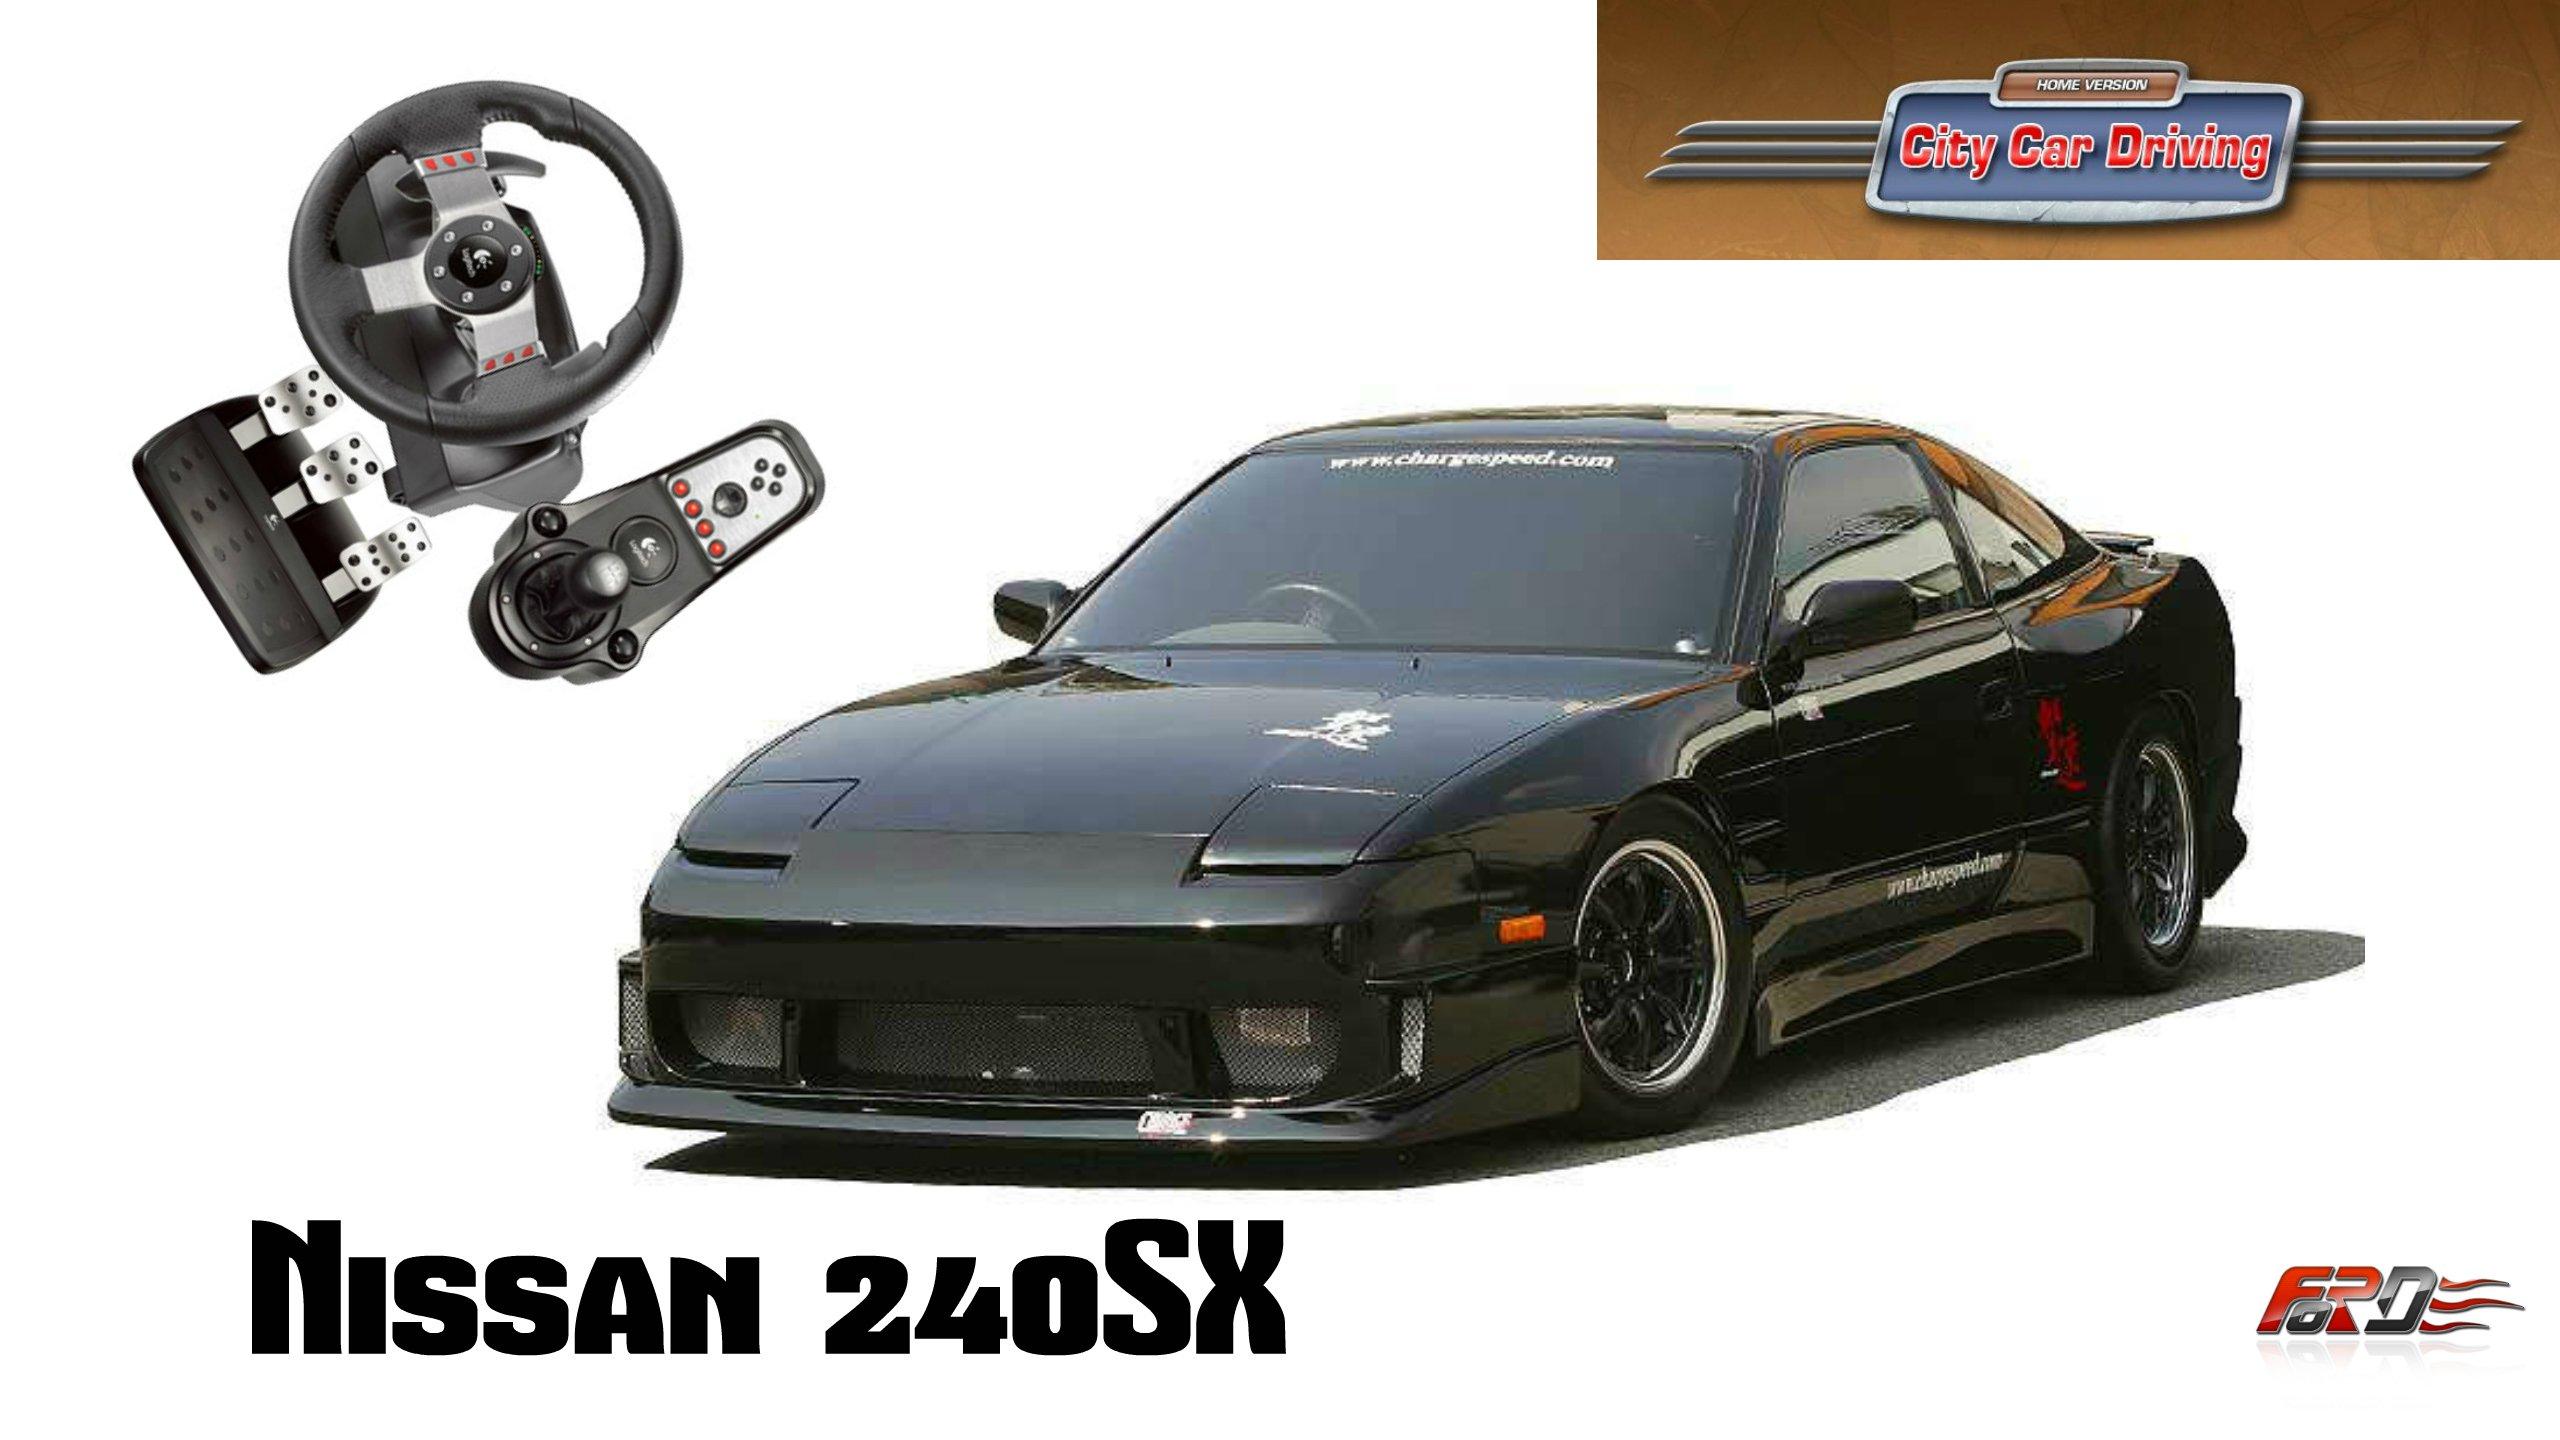 Nissan 240SX - тест-драйв, обзор японского автомобиля для дрифта, который не едет в City Car Driving - Изображение 1